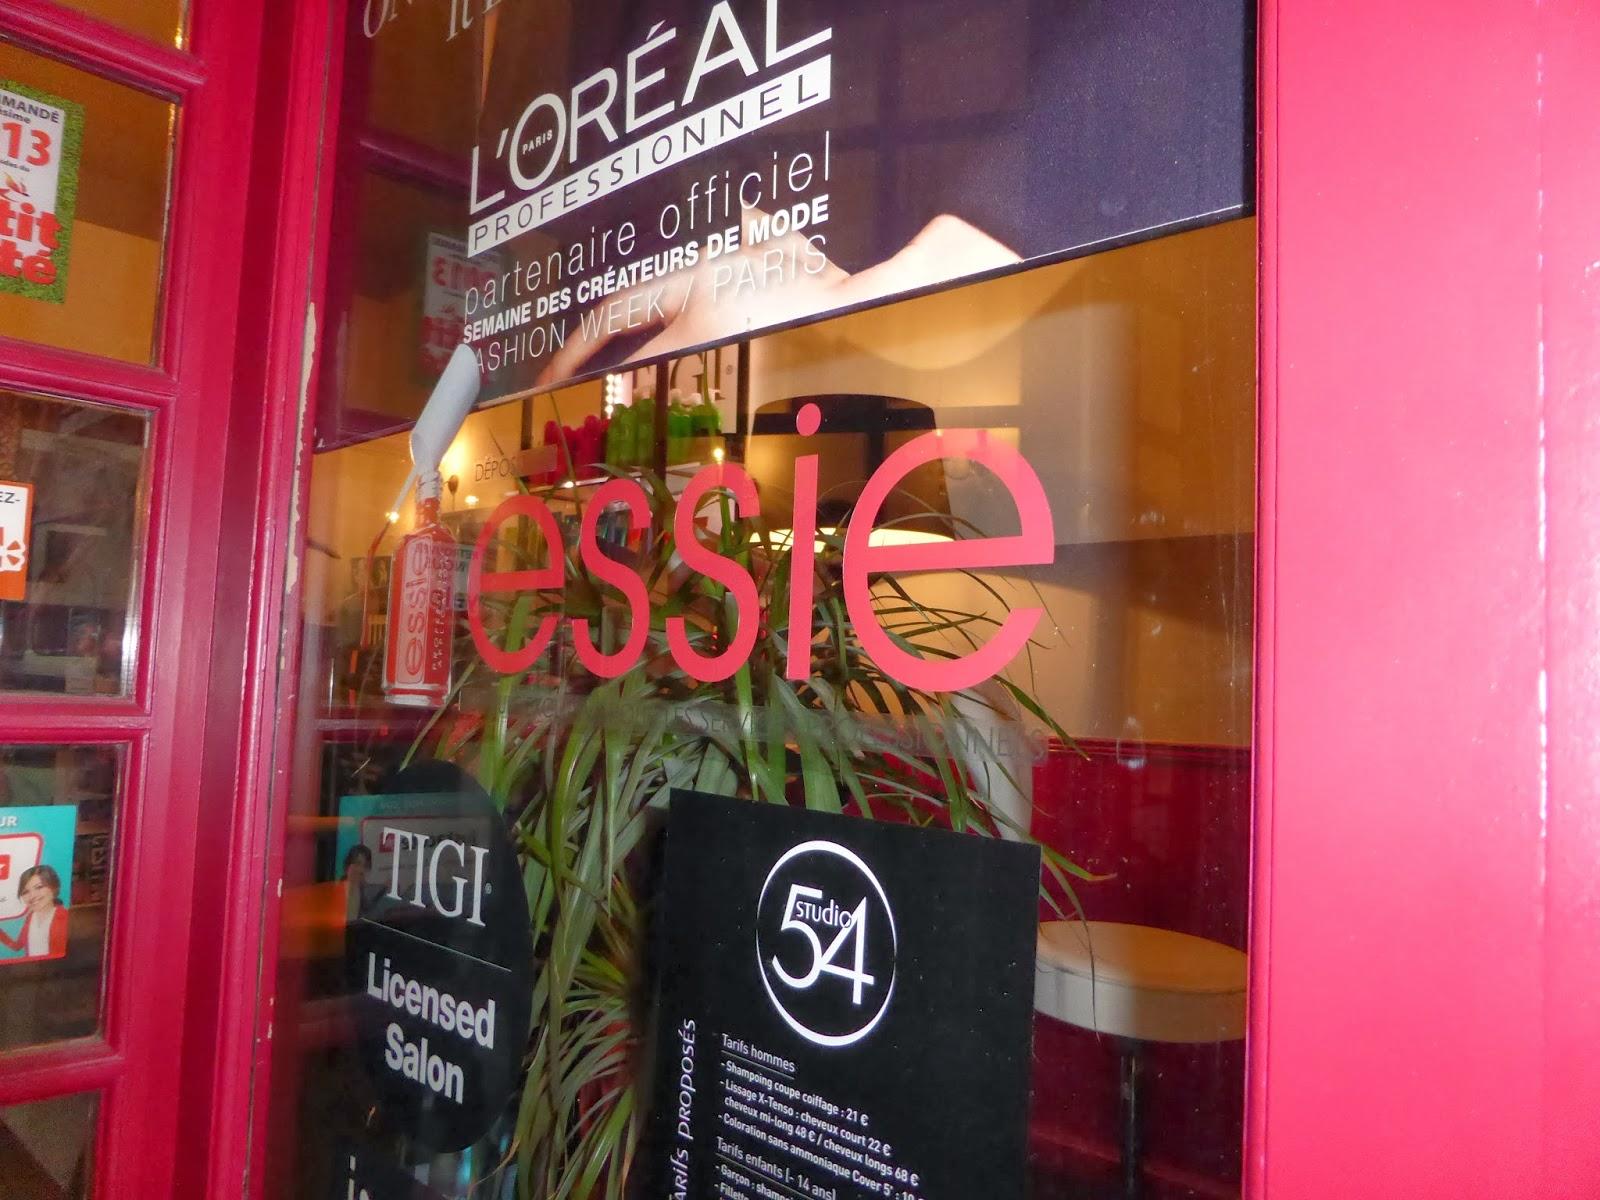 La vitrine du Studio 54 arbore désormais le logo de la marque Essie,  pour vous informer que nous sommes désormais dépositaire Essie à Montpellier.